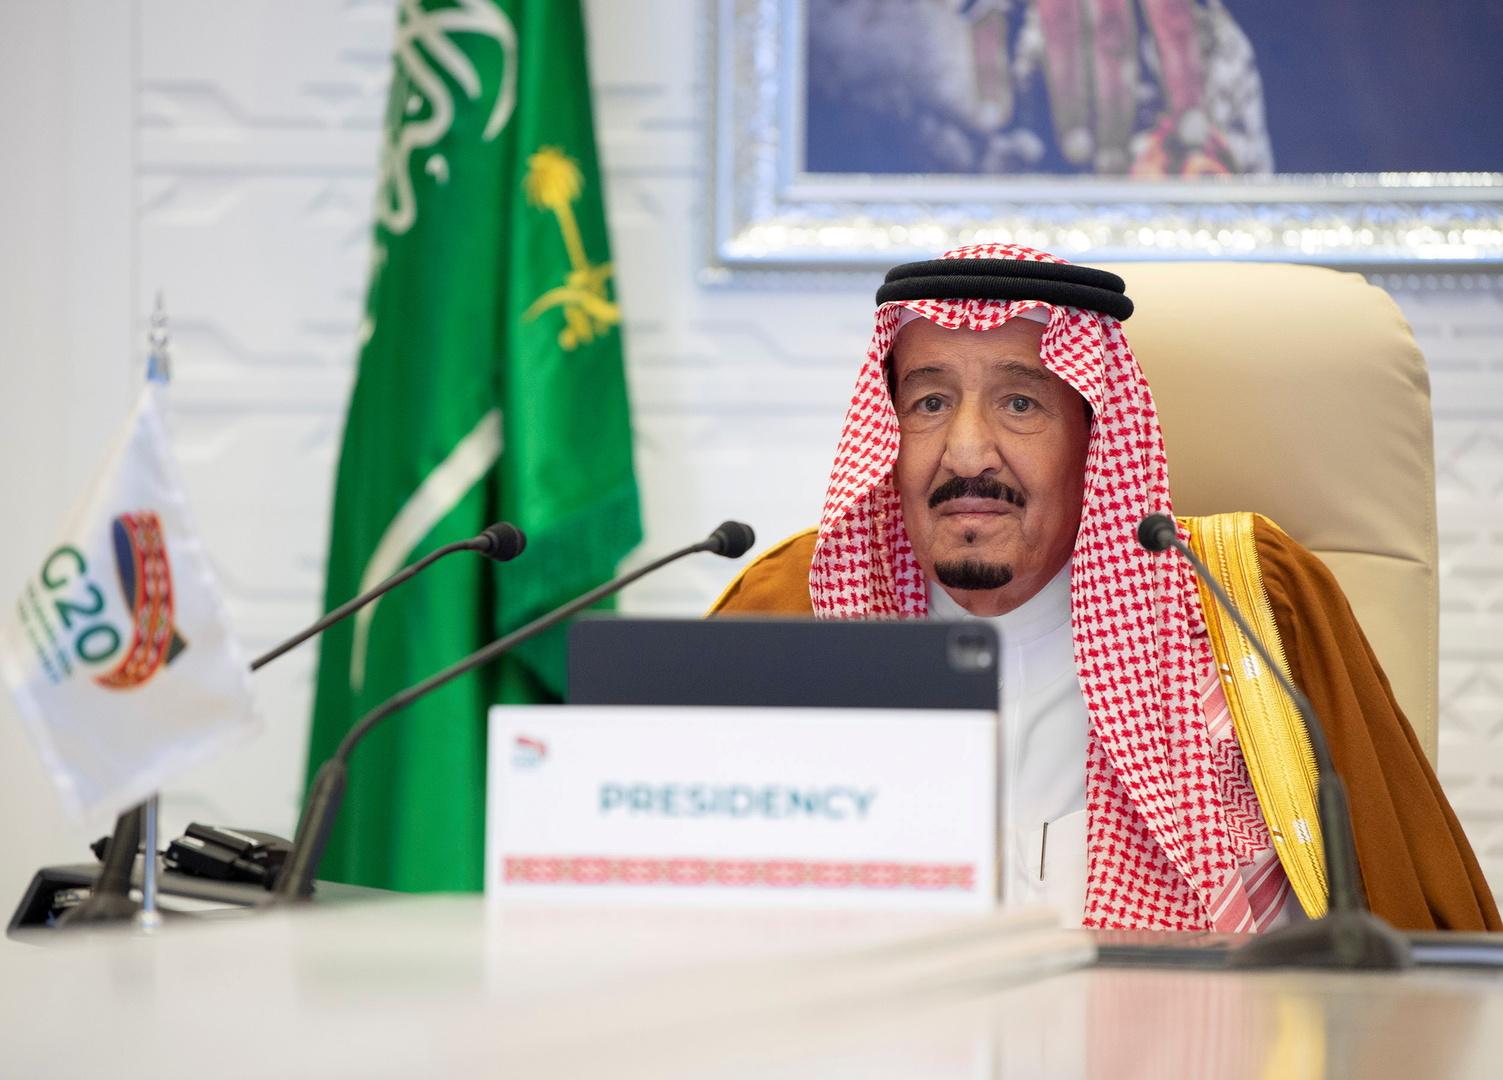 الملك سلمان: سنطلق برنامجا وطنيا للاقتصاد الدائري للكربون وندعو الدول الأخرى للتعاون في هذا الشأن